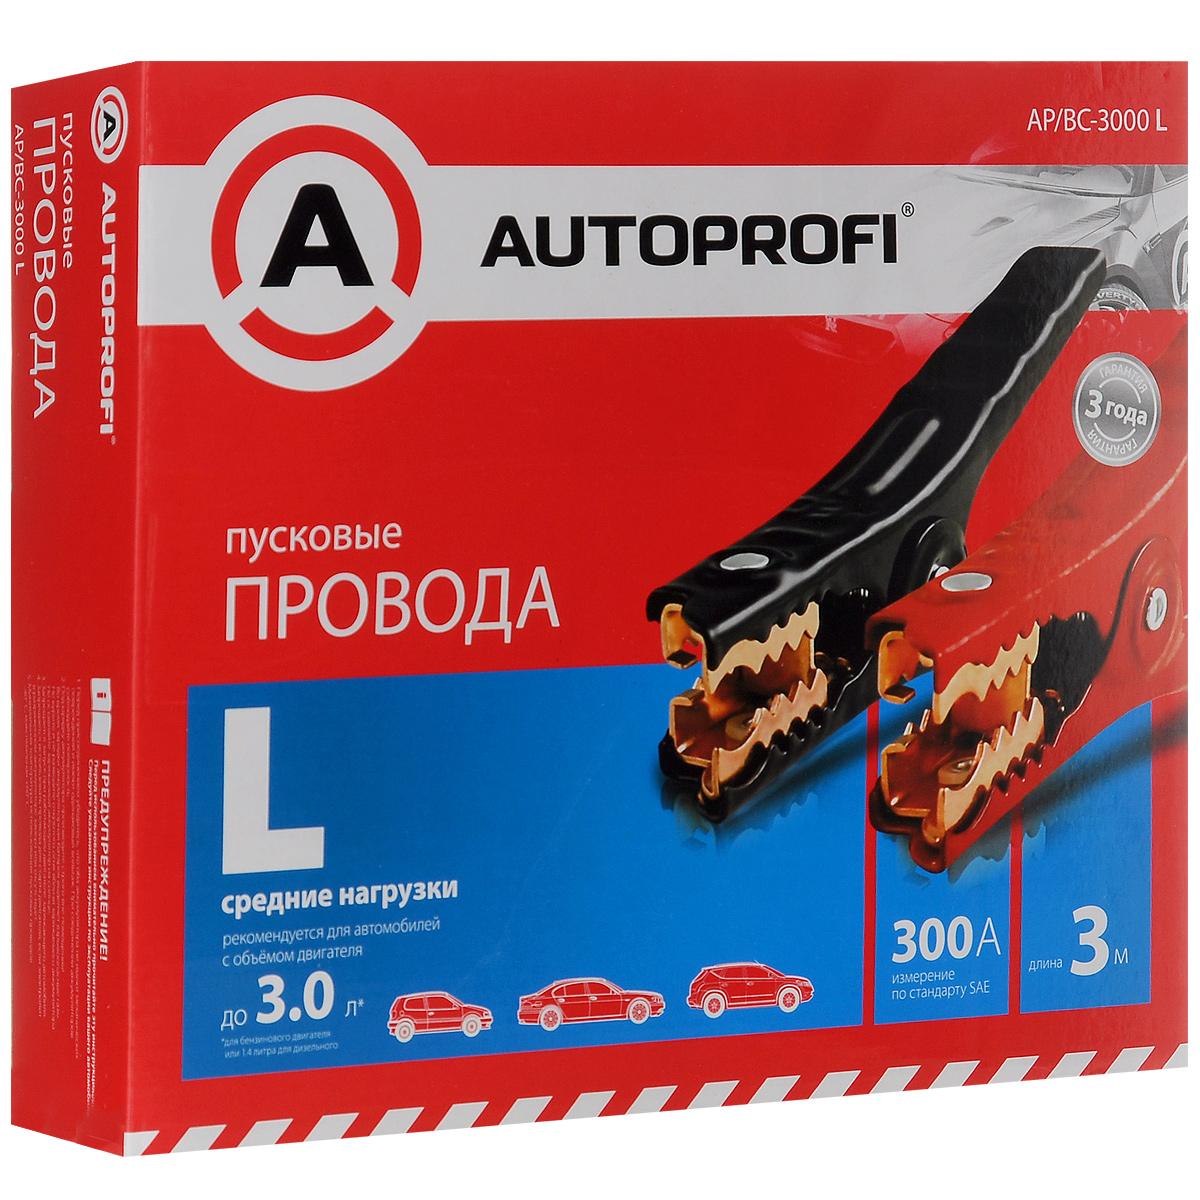 Провода пусковые Autoprofi L, средние нагрузки, 13,3 мм2, 300 A, 3 м93728793Пусковые провода Autoprofi L сделаны по американскому стандарту SAE J1494. Это значит, что падение напряжение ни при каких условиях не превышает 2,5 В. Ручки пусковых проводов не нагреваютсядо уровня, способного навредить человеку. Технологически это достигается использованием проводов из толстой алюминиевой жилы с медным напылением, а также надежной термопластовой изоляцией.Данные провода рекомендованы для автомобилей с бензиновым двигателем, объемом до 3 л или с дизельным двигателем, объемом до 1,4 л.Сумка для переноски и хранения в комплекте.Ток нагрузки: 300 А.Длина провода: 3 м.Сечение проводника: 13,3 мм2.Диапазон рабочих температур: от -40°С до +60°С.